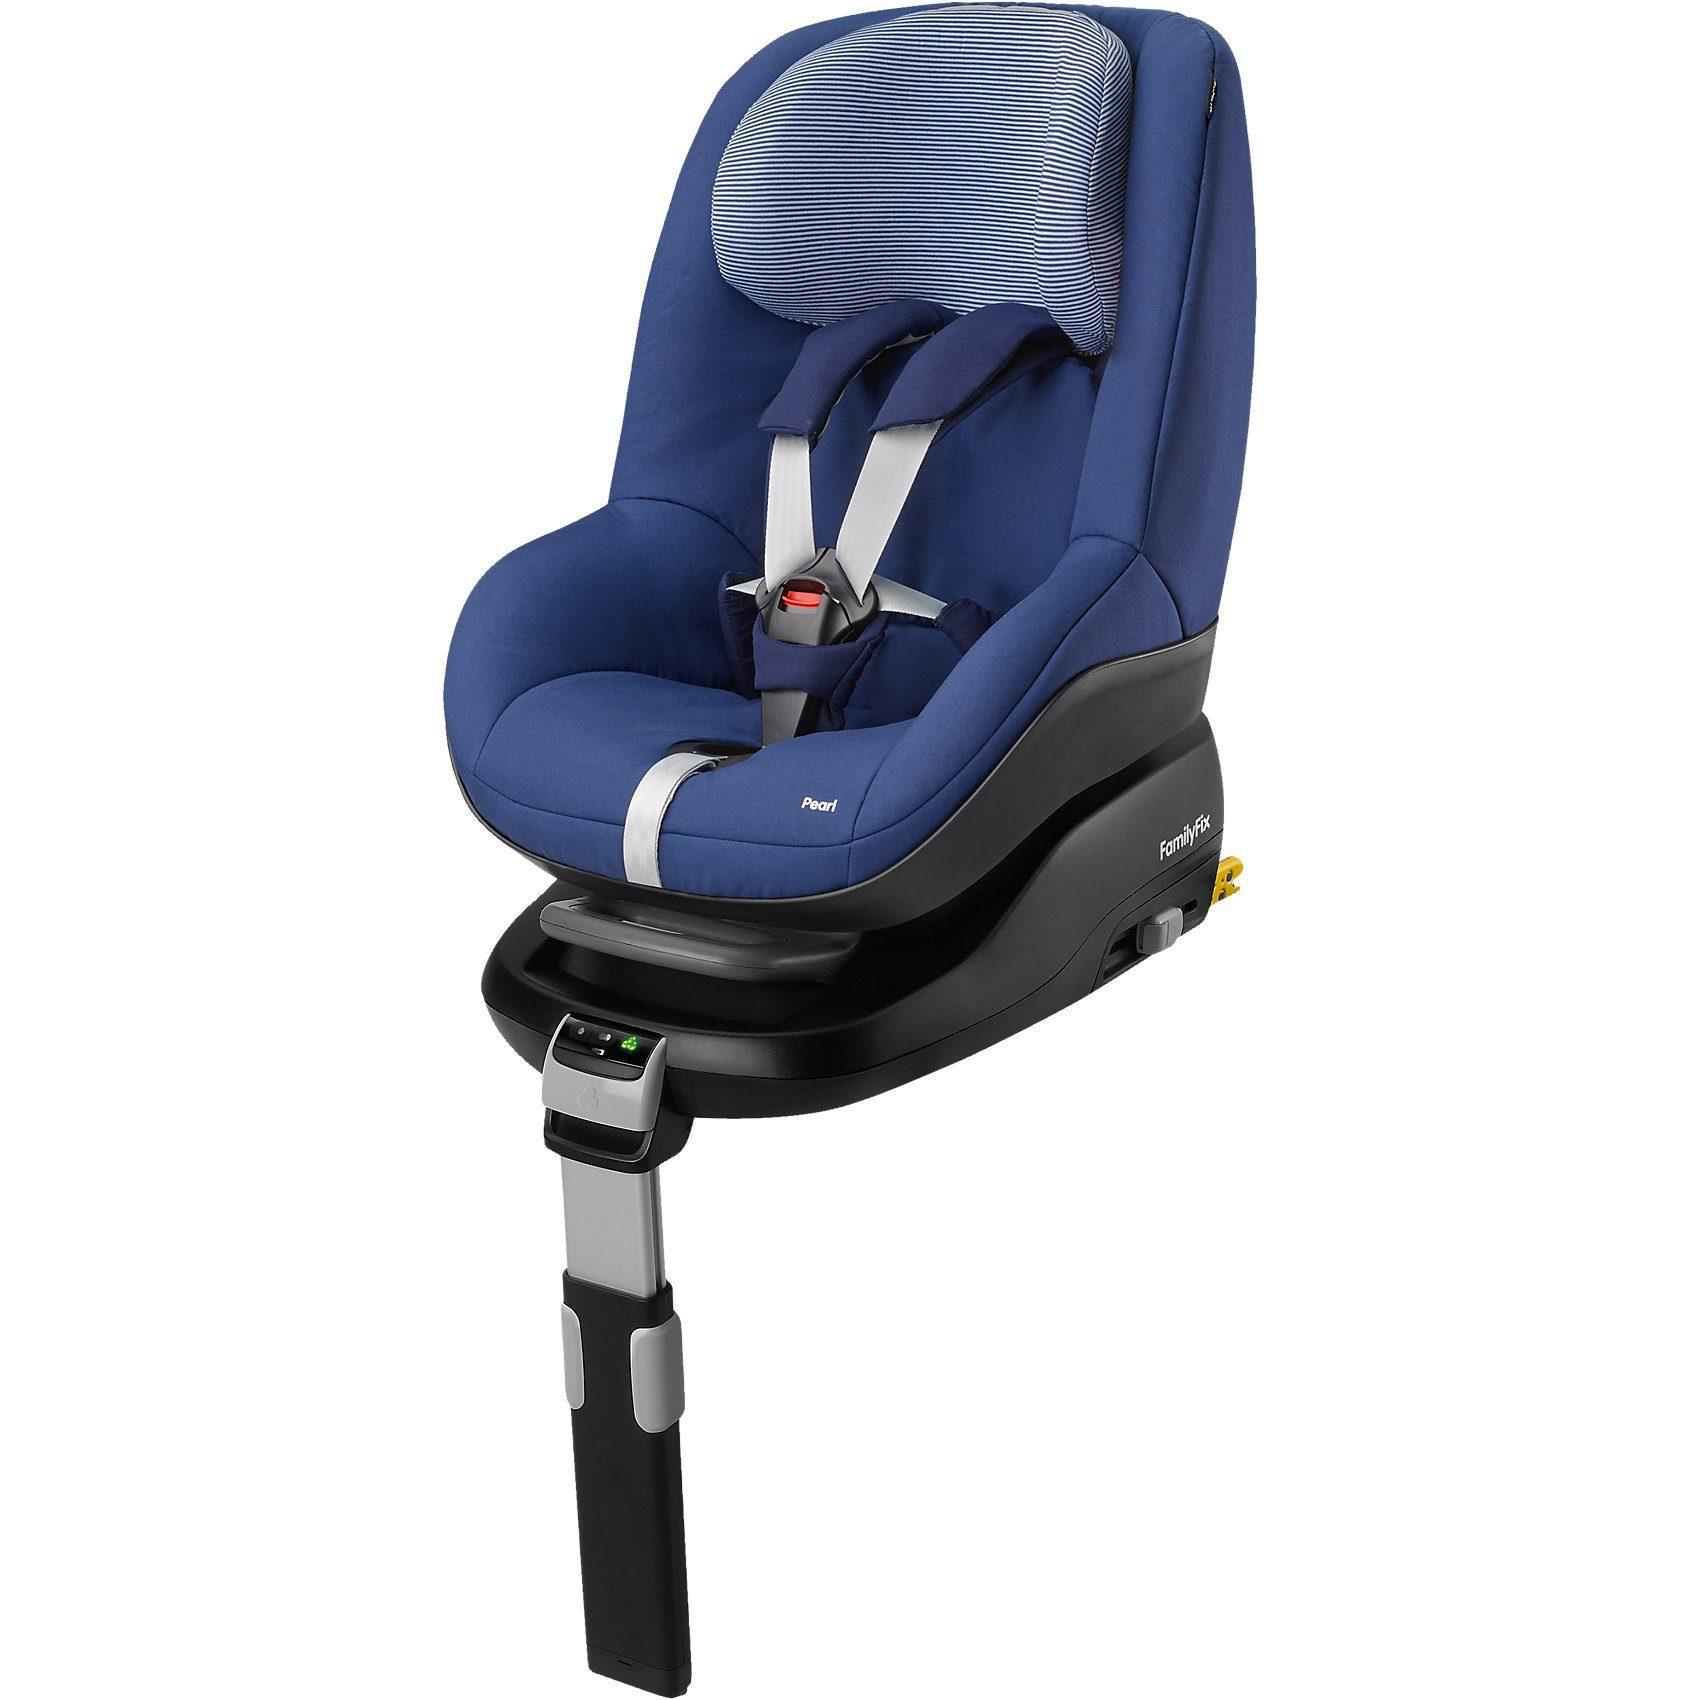 Maxi-Cosi Auto-Kindersitz Pearl, river blue, 2017